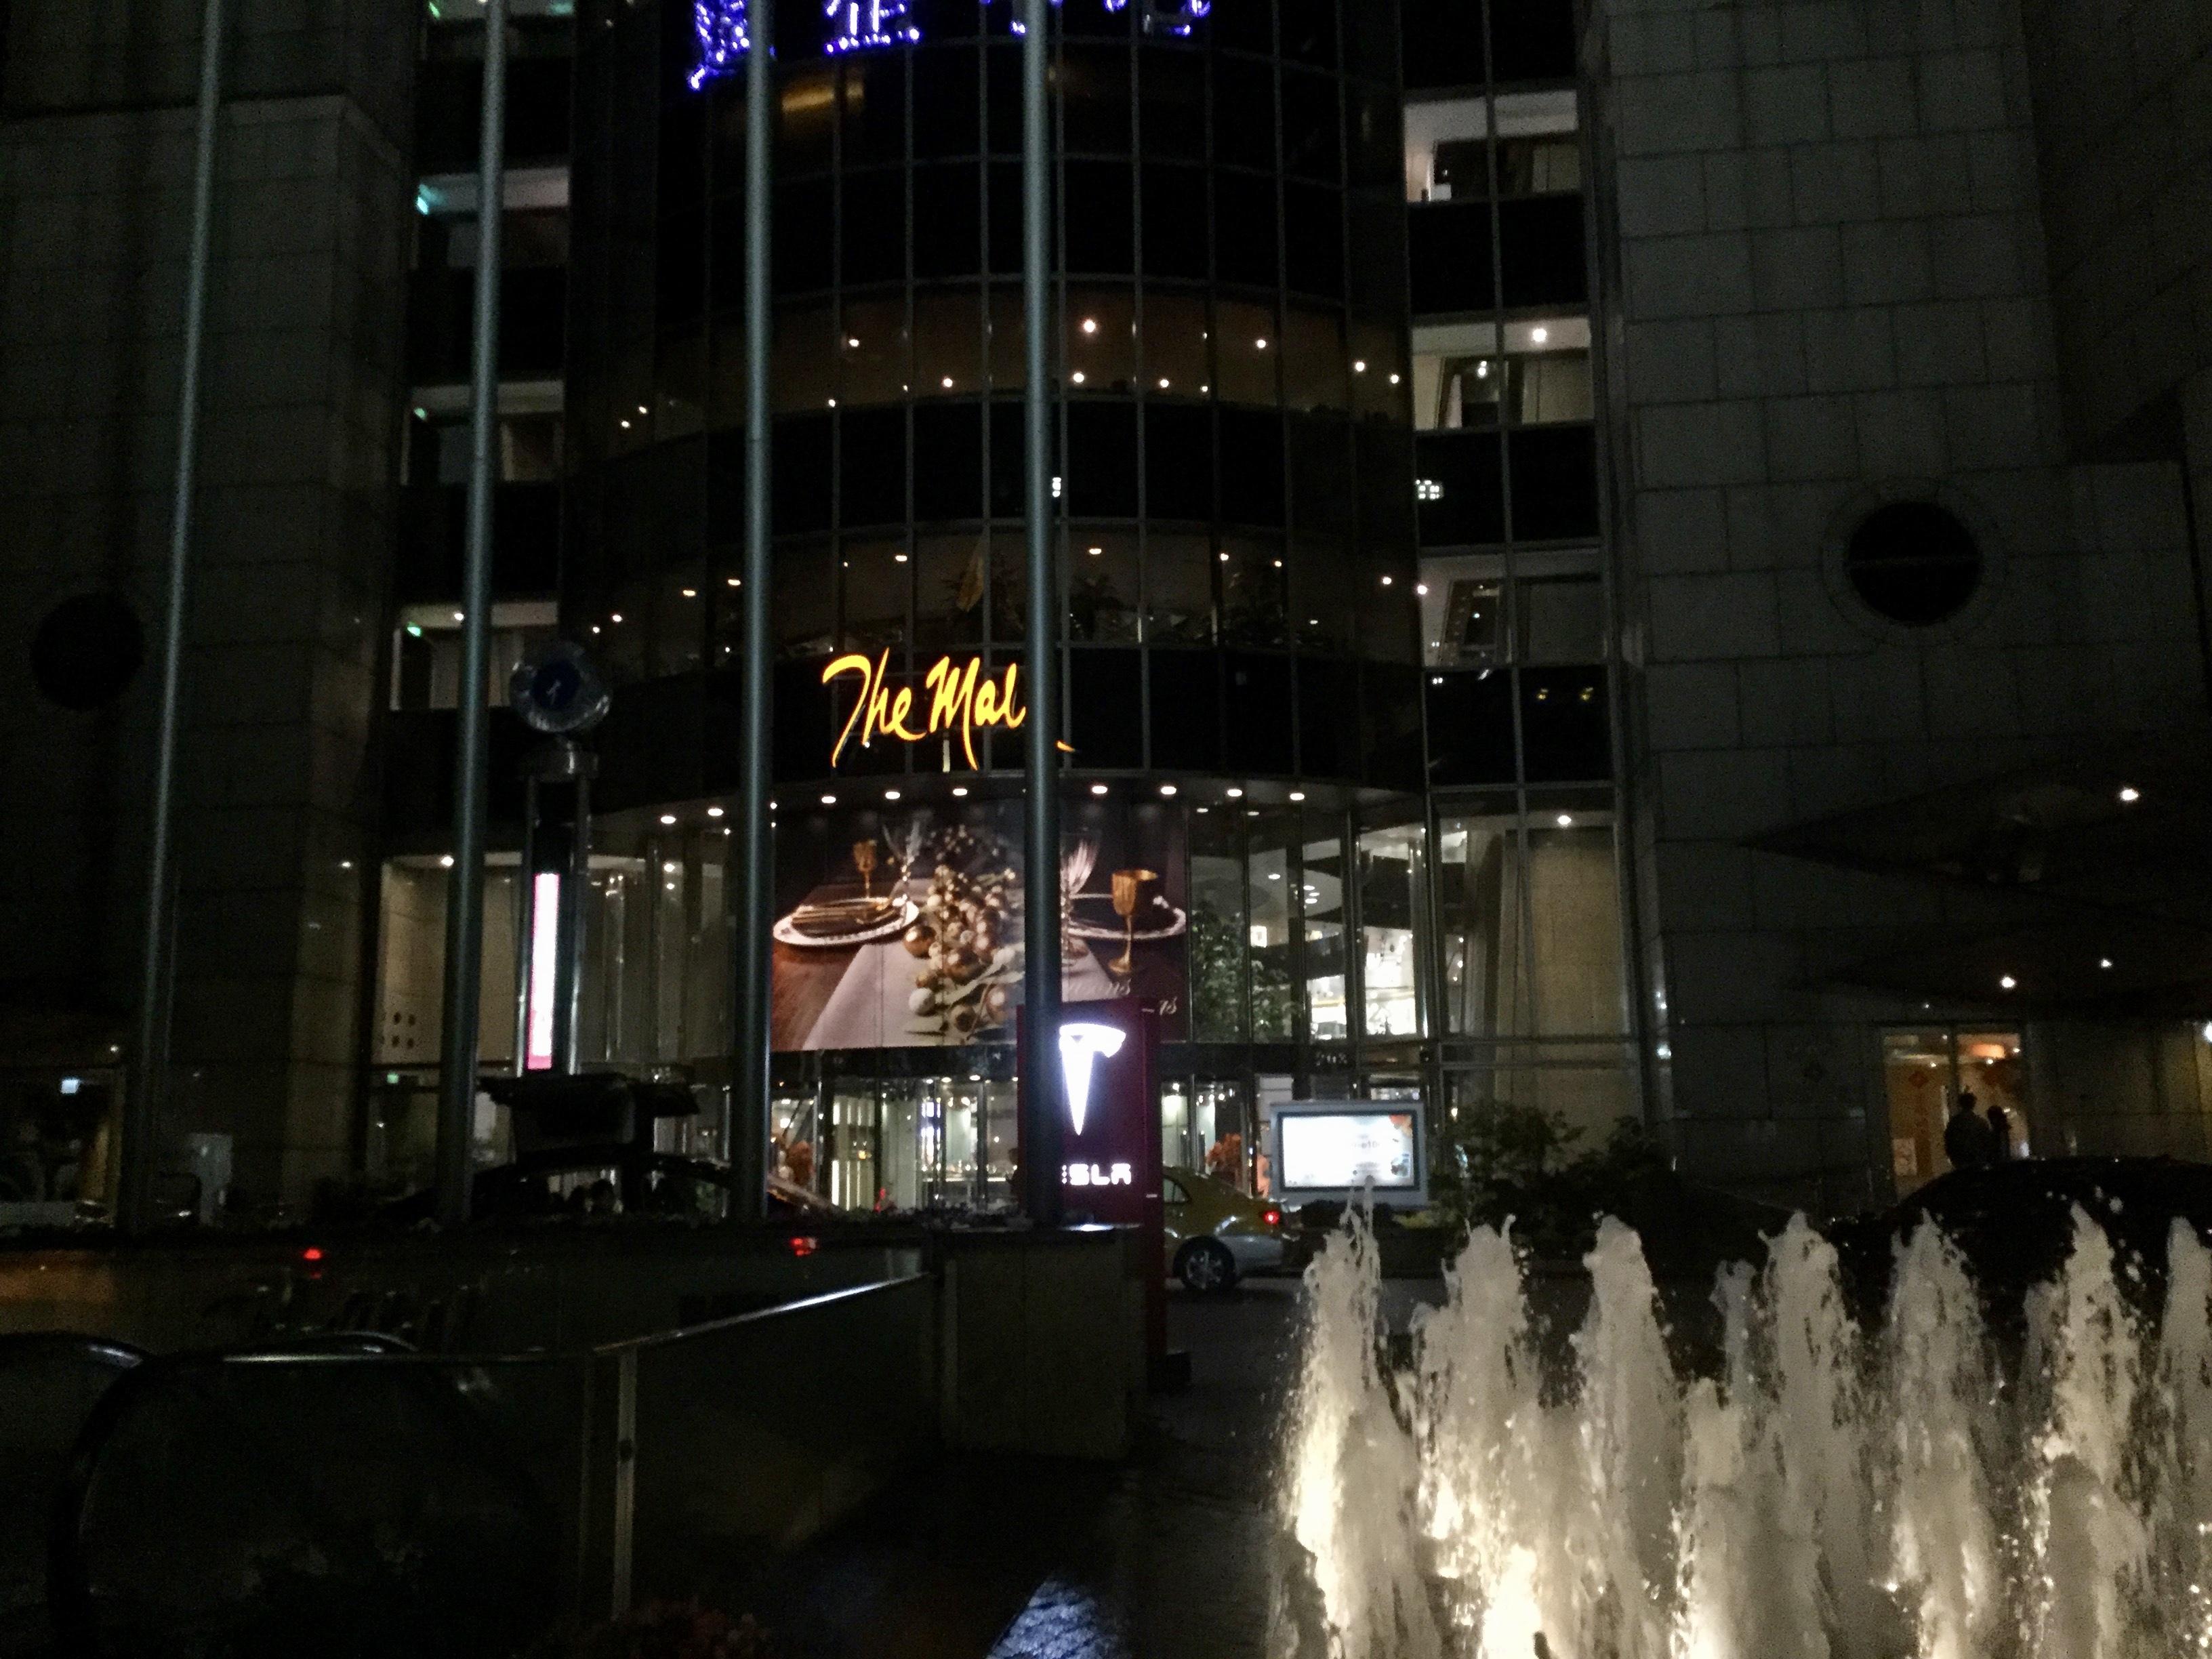 Mallと噴水の写真です。